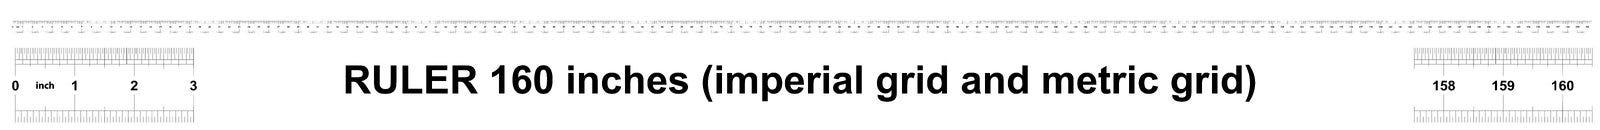 Heerser 160 duim keizer Metrische heerser 160 duim Nauwkeurig metend hulpmiddel Kaliberbepalingsnet stock illustratie